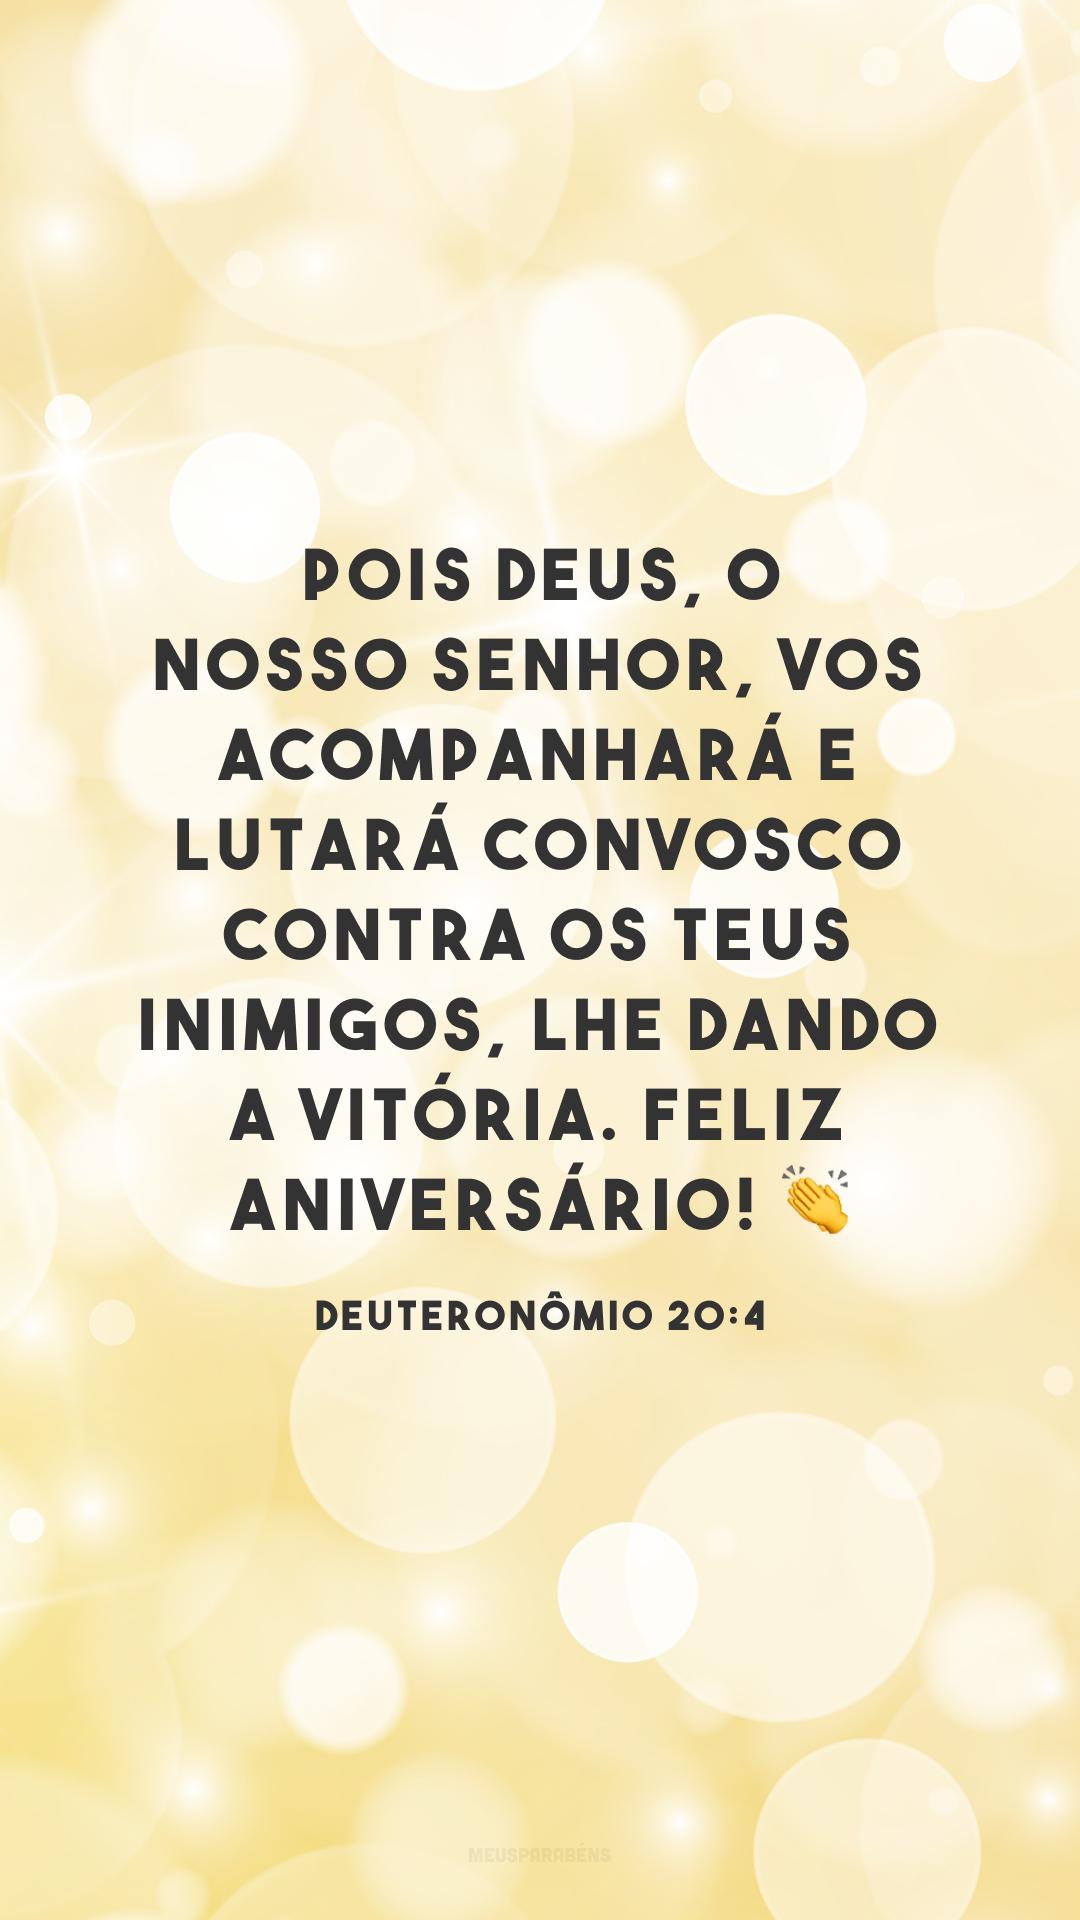 Pois Deus, o nosso Senhor, vos acompanhará e lutará convosco contra os teus inimigos, lhe dando a vitória. Feliz aniversário! 👏<br />